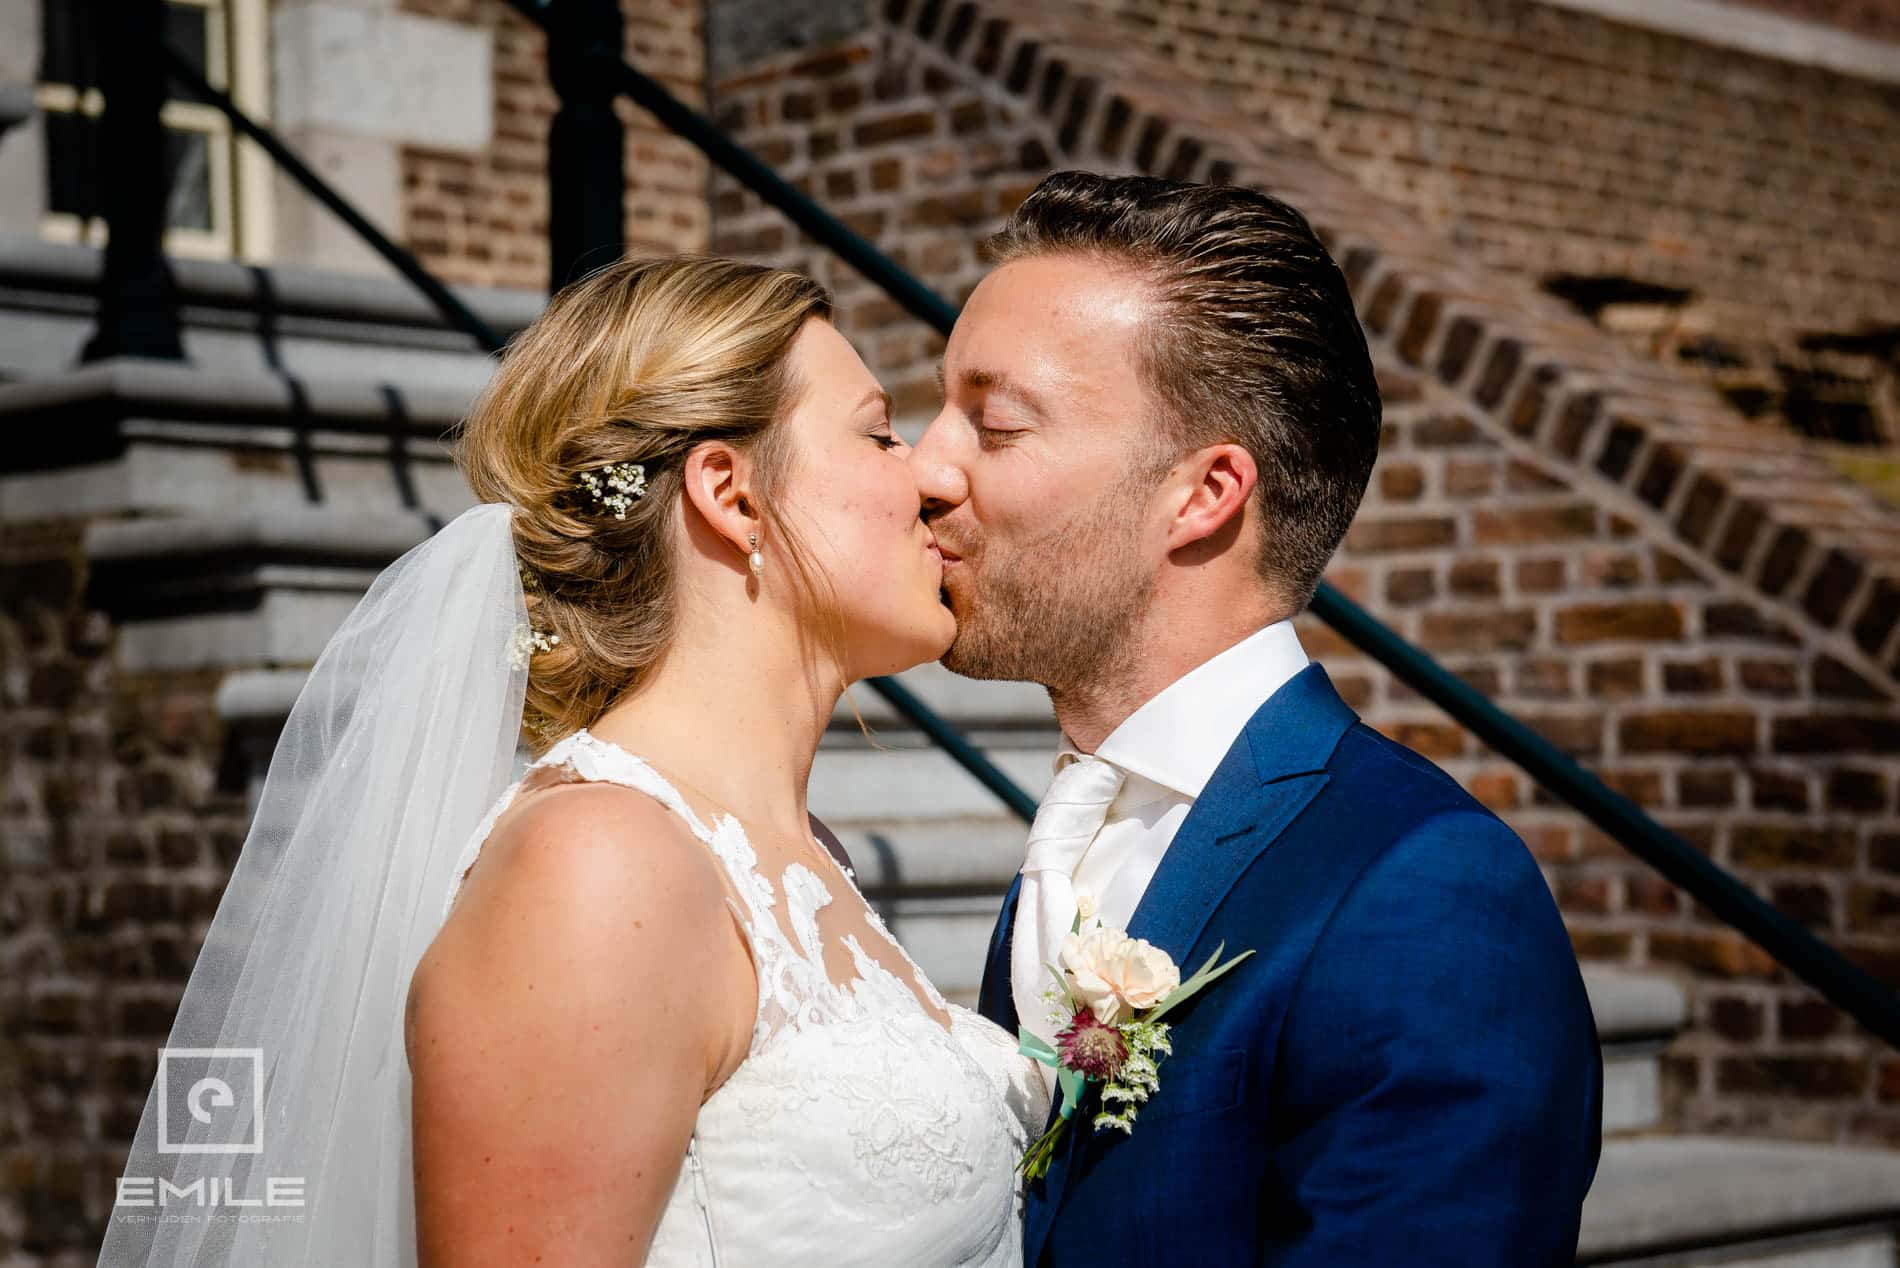 De bruidskus, het bruidspaar kust elkaar. Trouwen in Limburg